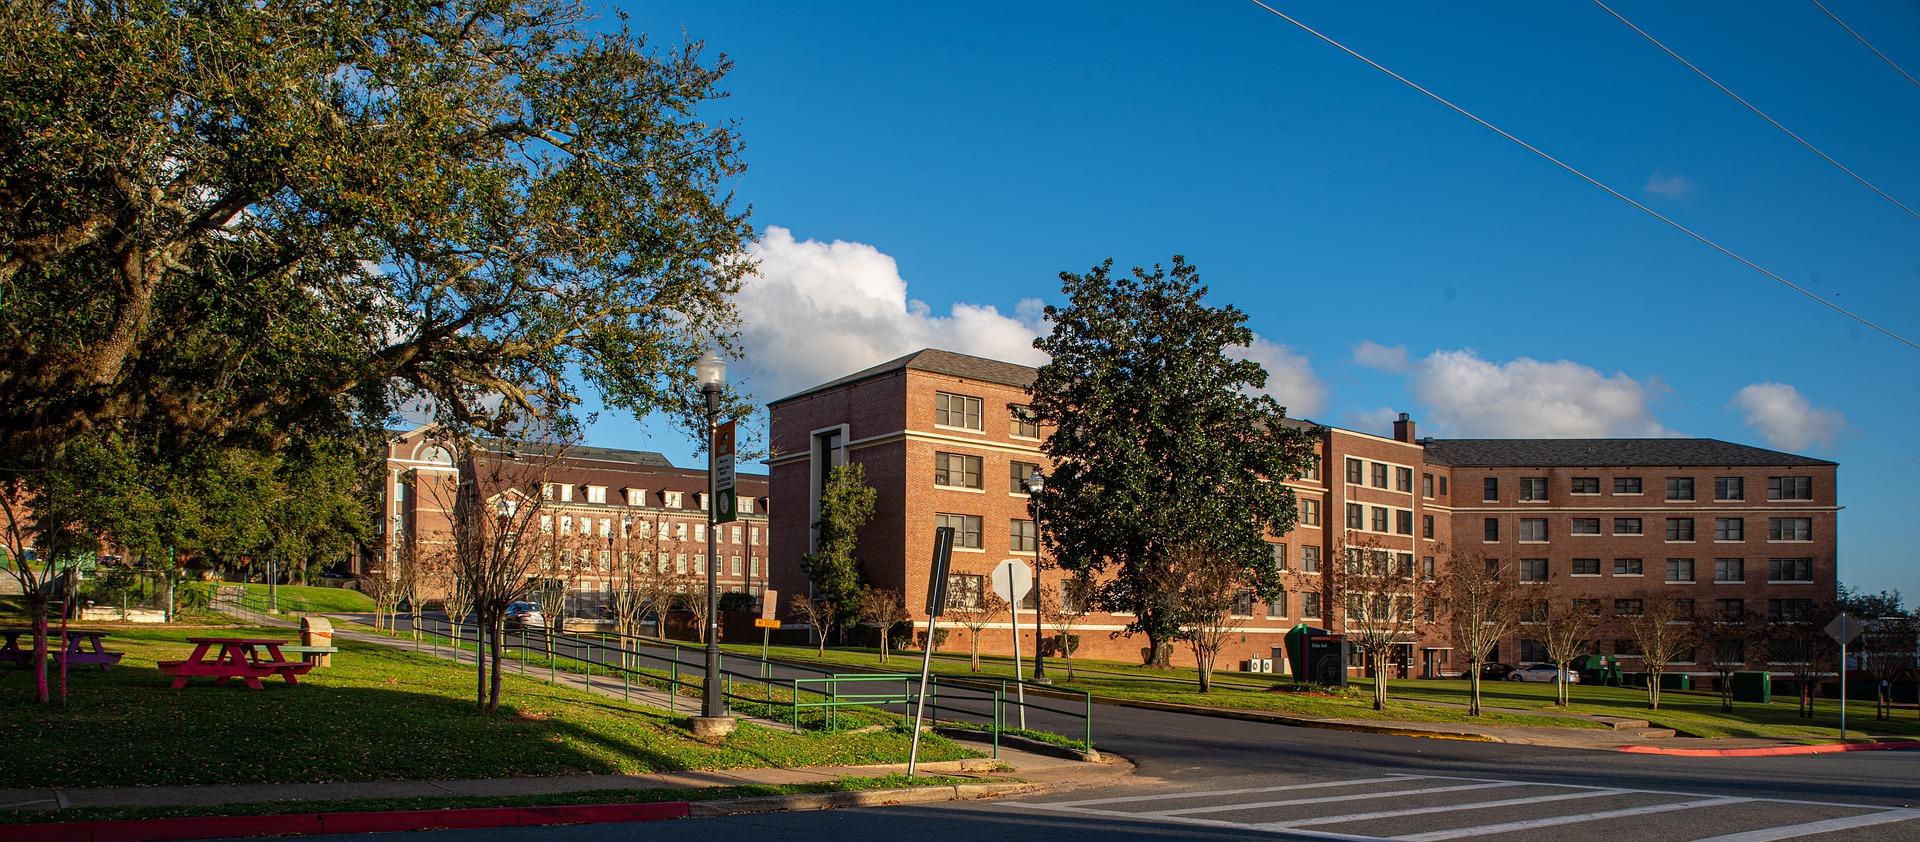 Konkurrenz Studienstandort - Wohnsituation von Studenten